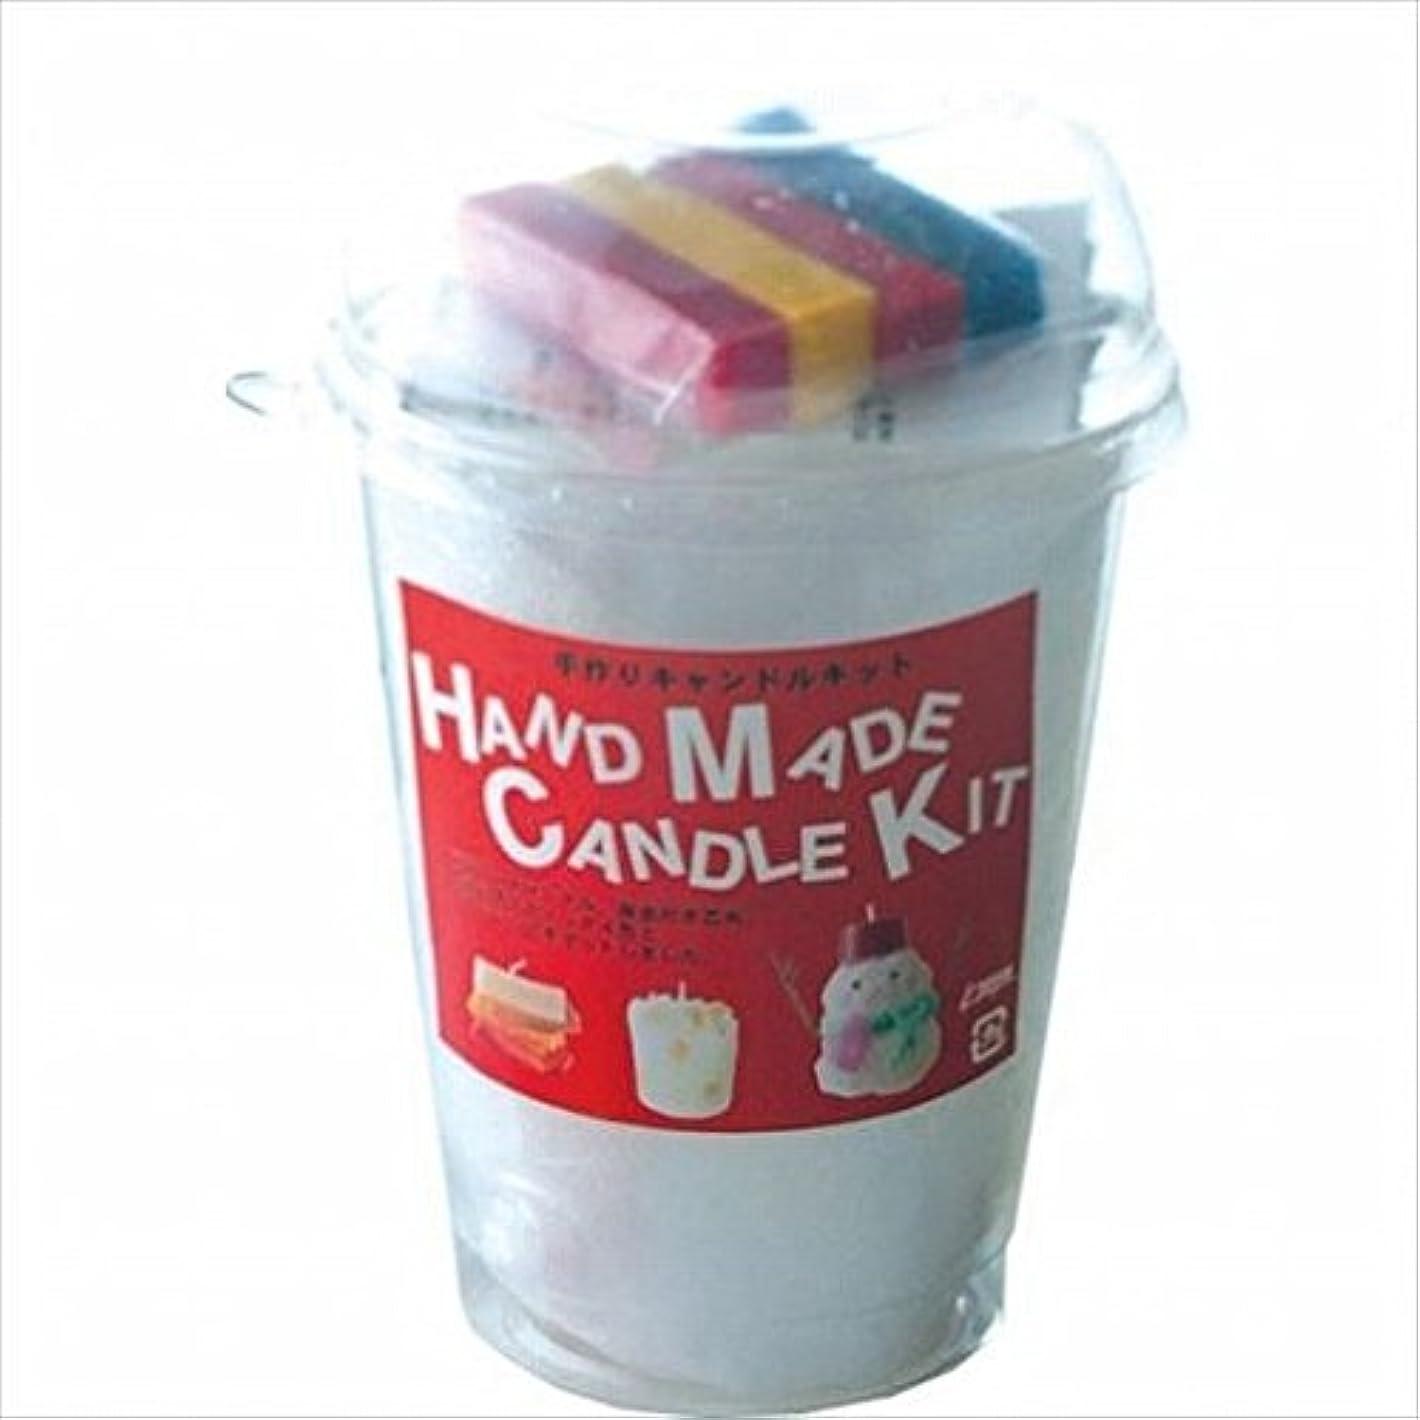 シンボルあえぎ鳴らすkameyama candle(カメヤマキャンドル) 手作りキャンドルキット(A1030000)